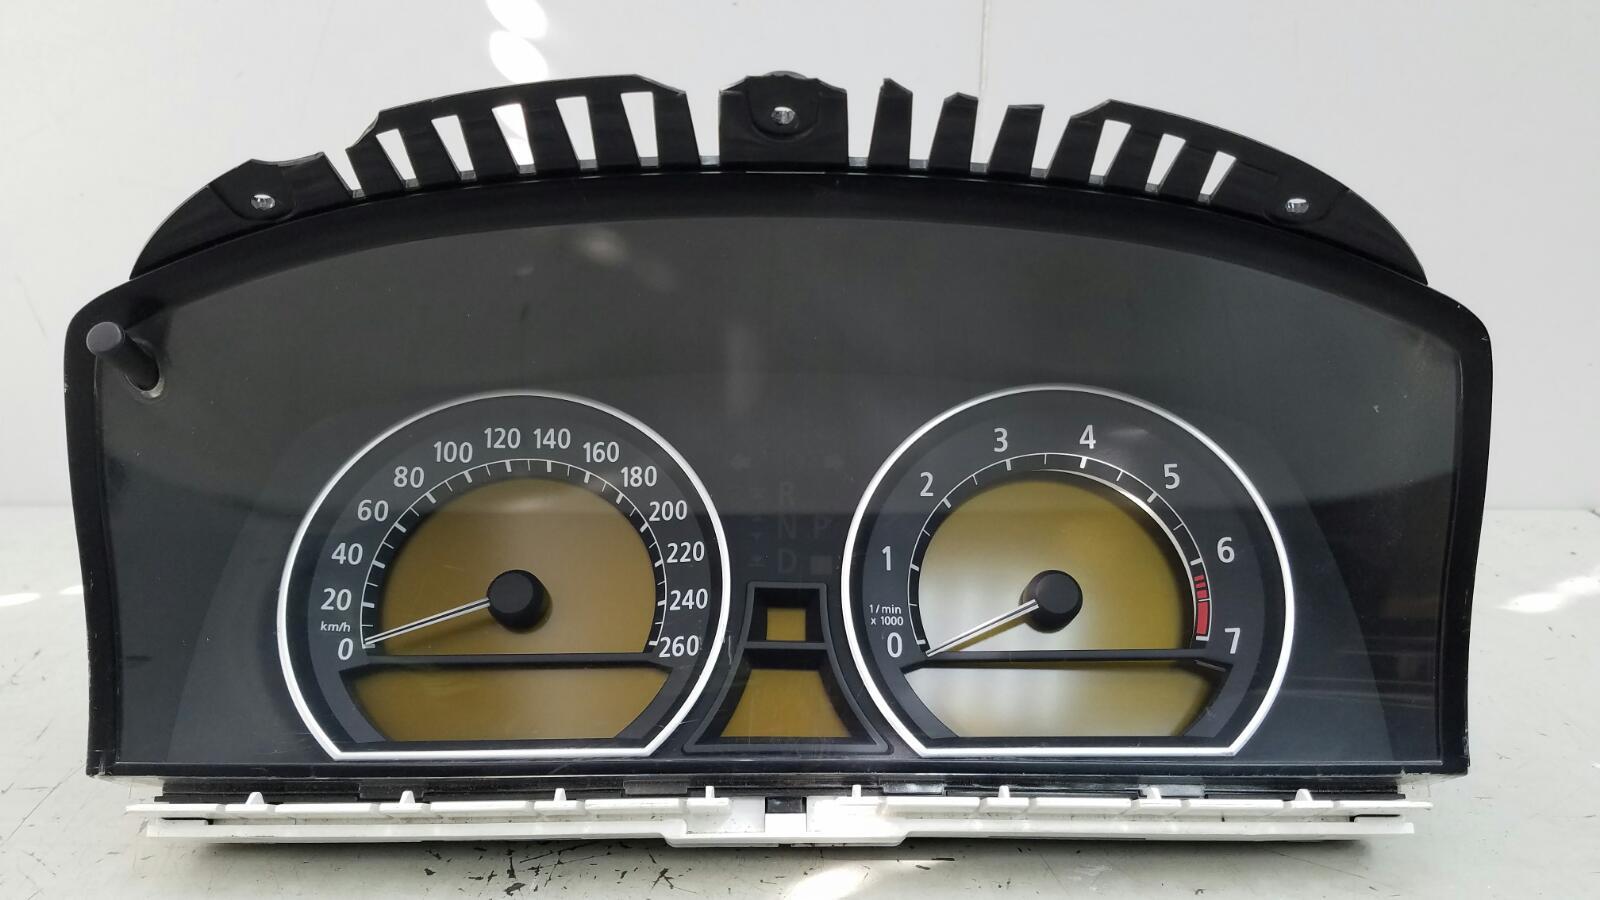 Щиток приборов Bmw 745 I Li E65 N62 2001